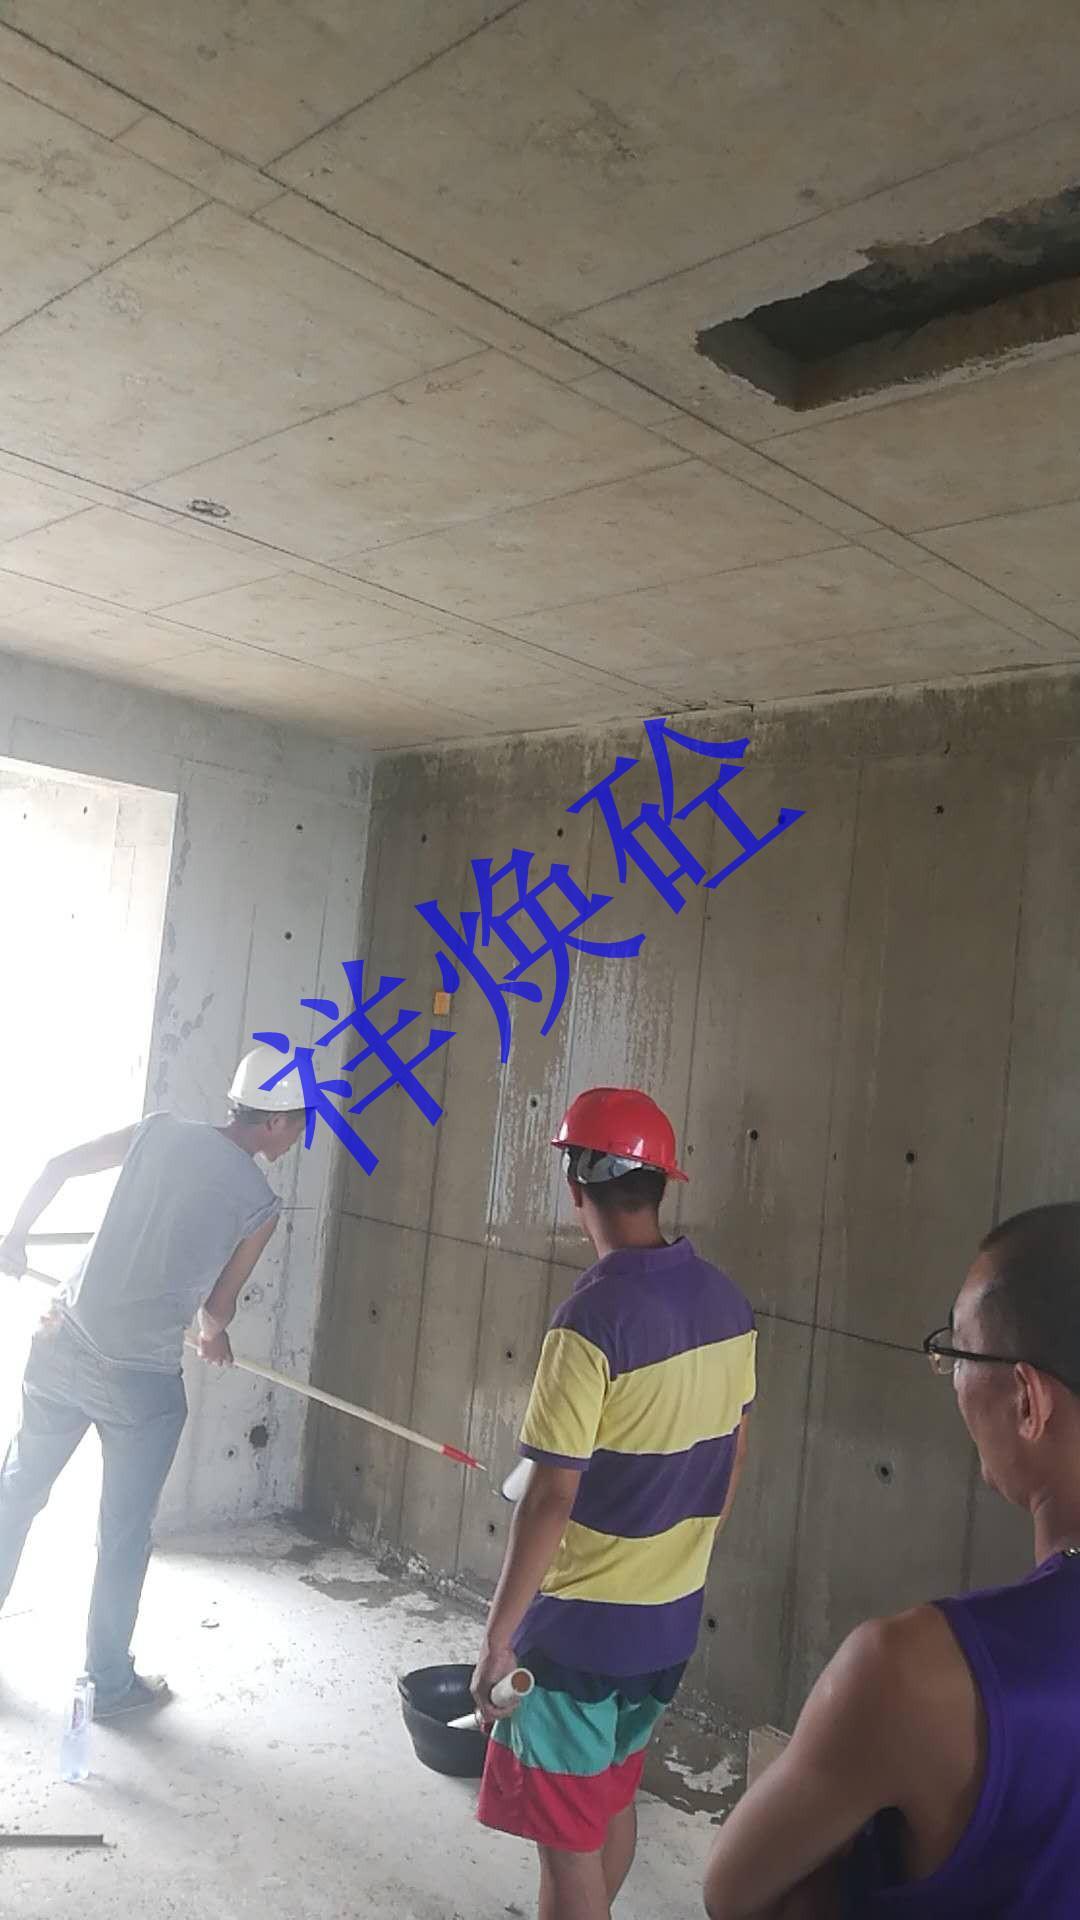 任丘市侧墙混凝土强度低怎么办 效果明显